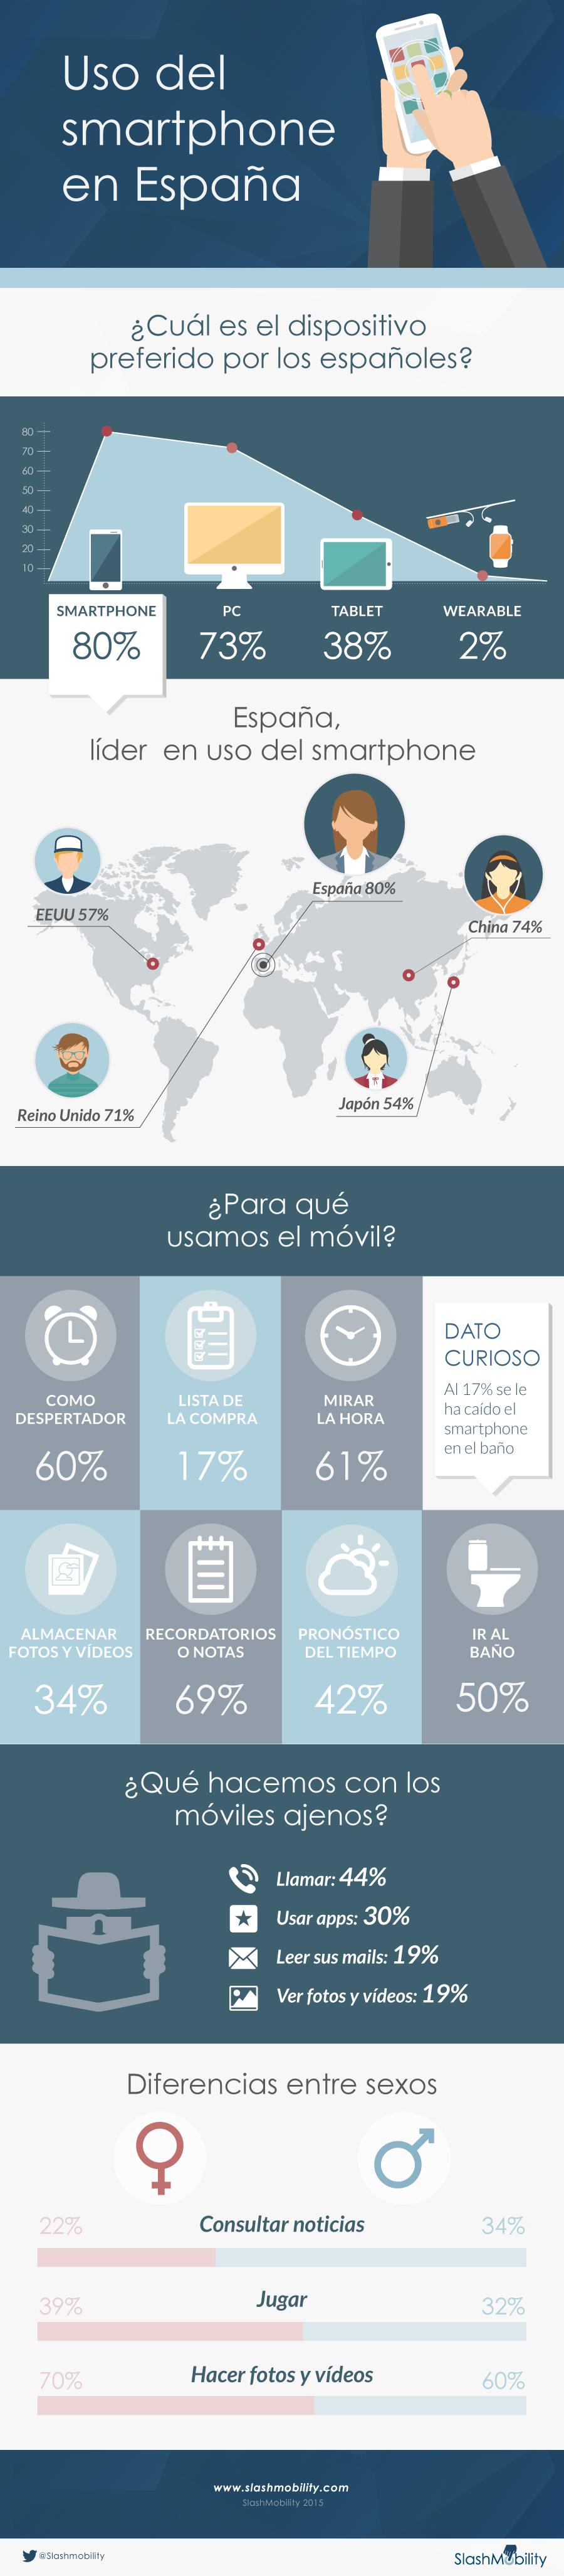 infografia uso smartphone españa